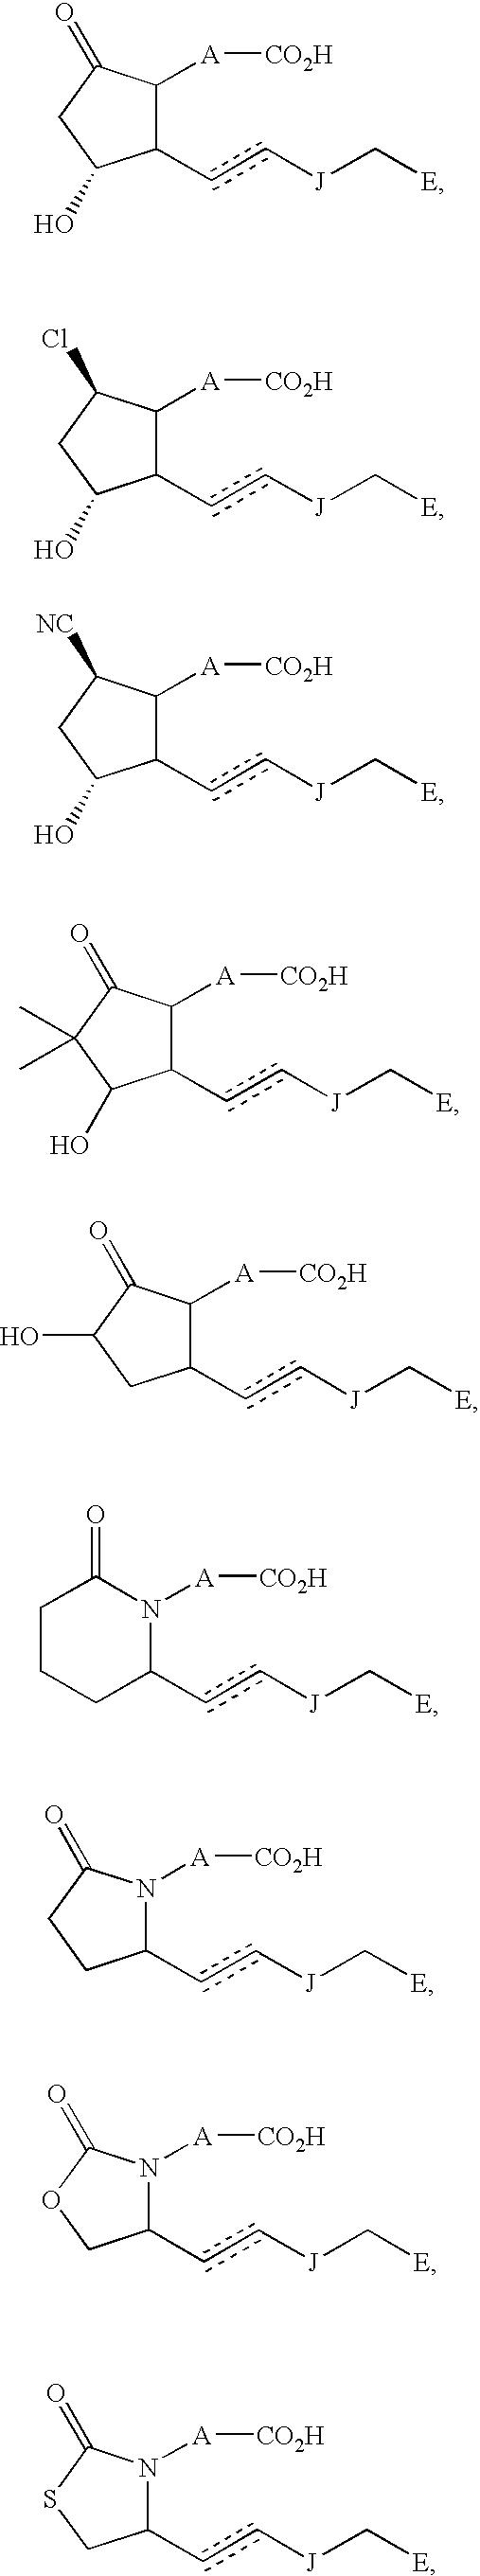 Figure US20070232660A1-20071004-C00008